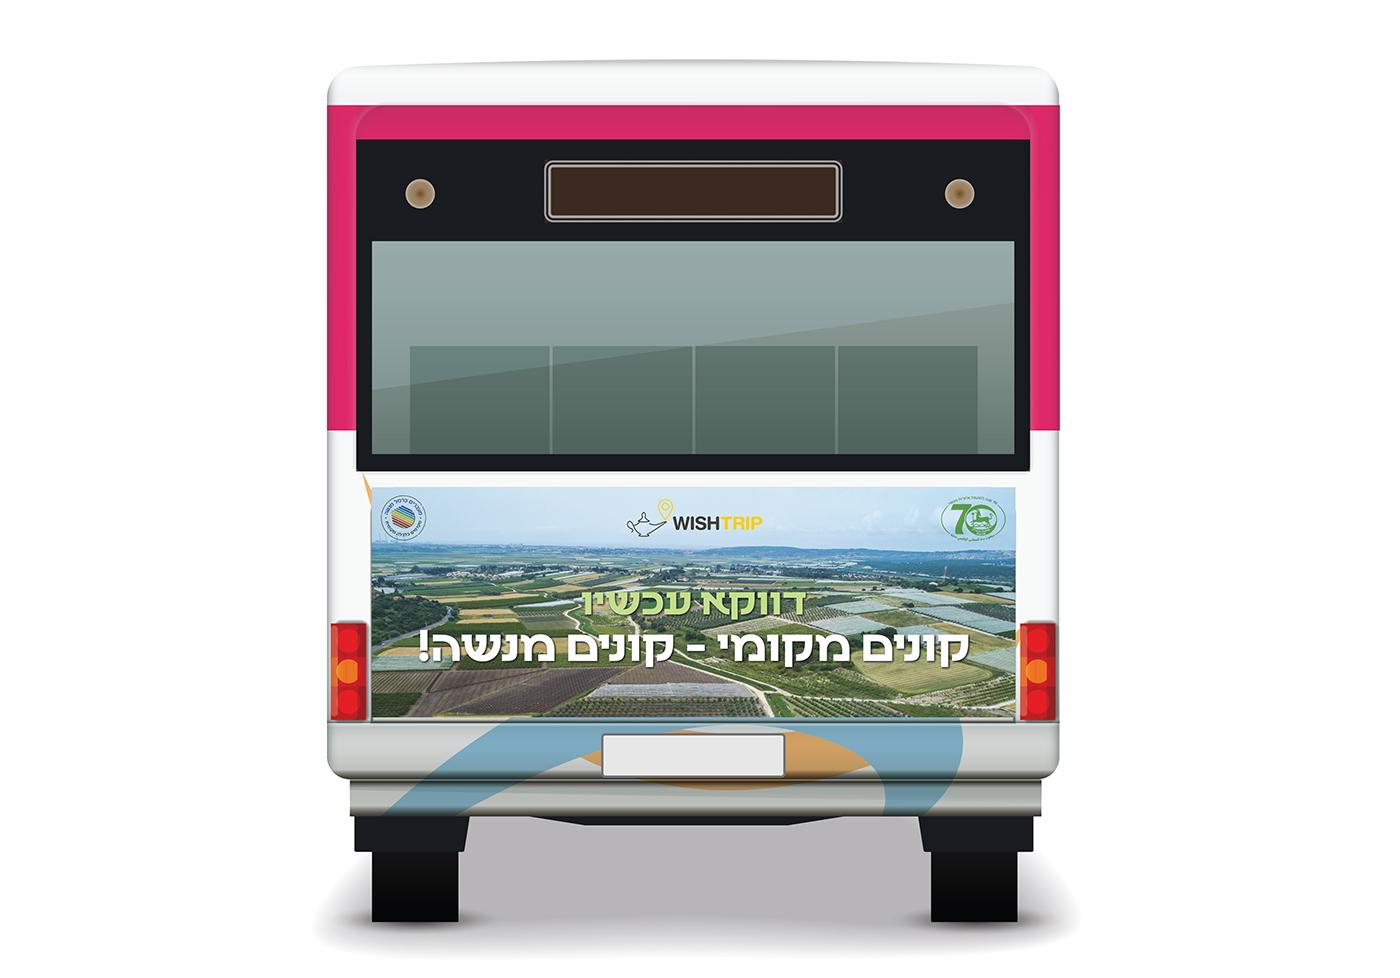 דפוס, עיצוב חוברת, עיצוב קטלוג, קטלוג תיירות, מועצה אזורית מנשה, עיצוב מדבקה לאוטובוס